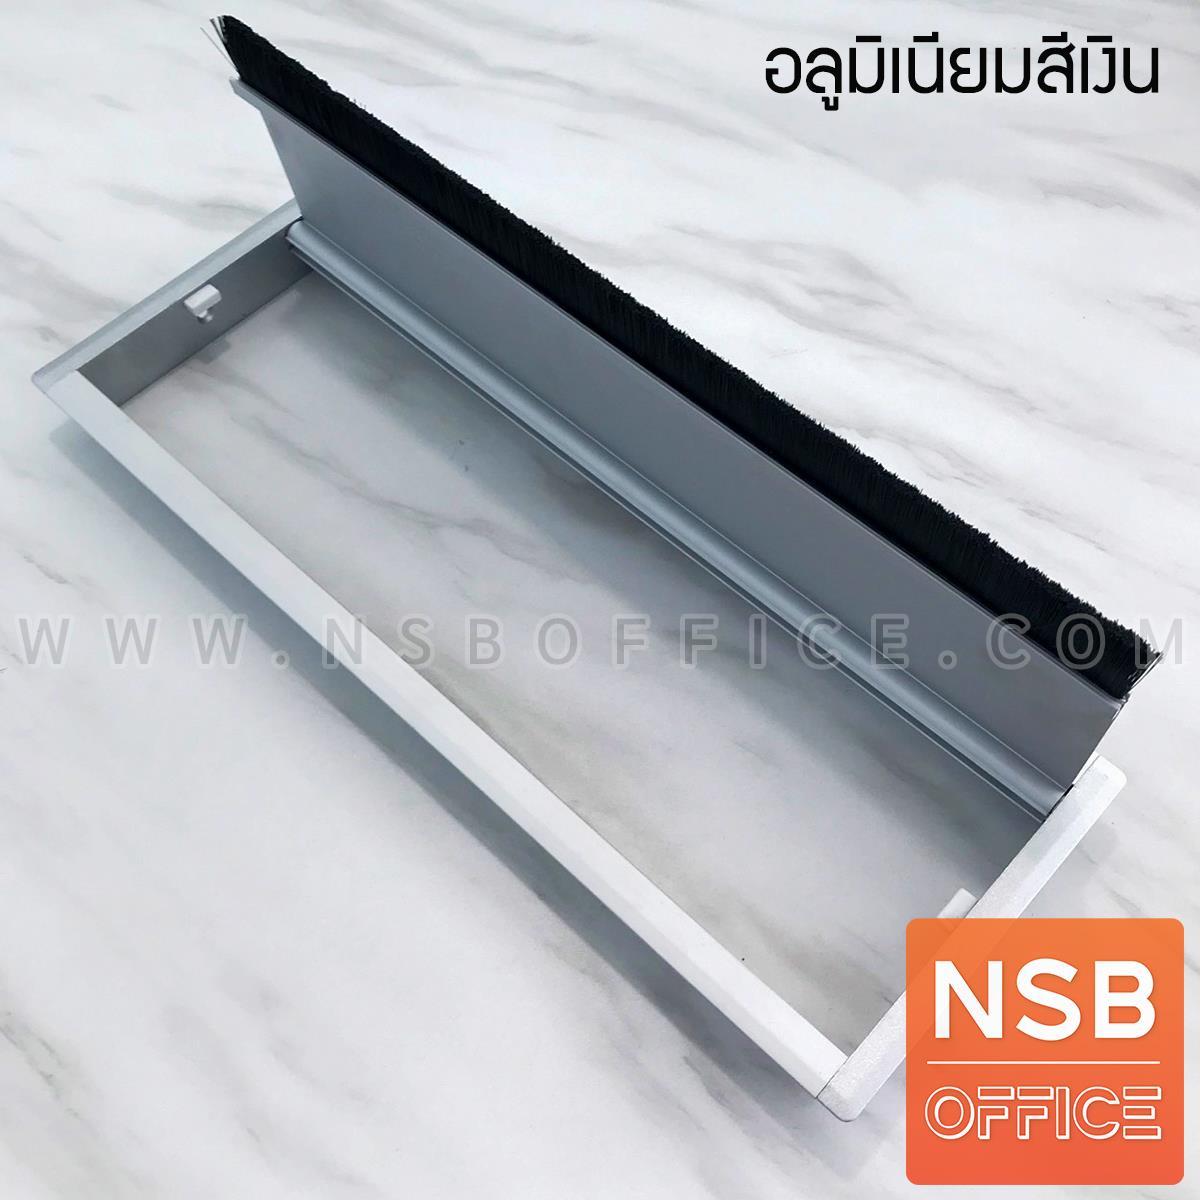 ฝาป๊อปอัพอลูมิเนียมฝังหน้าโต๊ะ รุ่น 7210 ขนาด 30W ,40W cm.